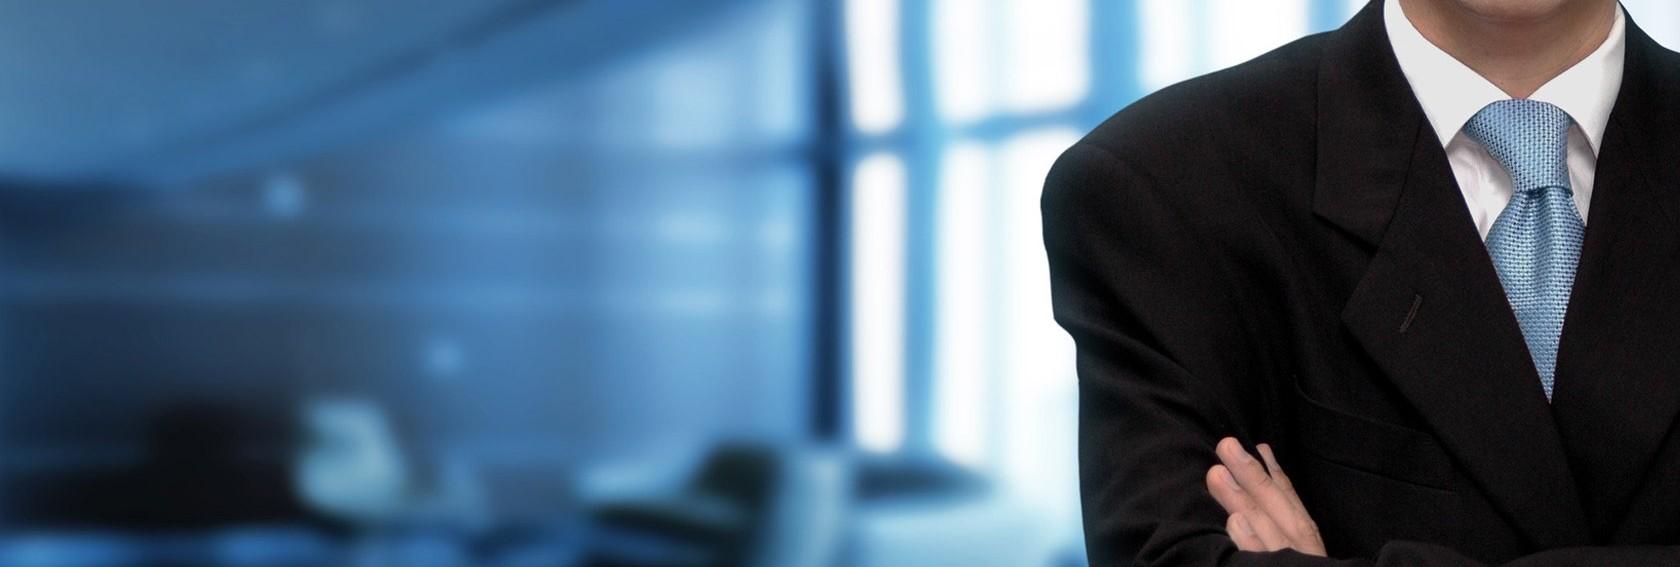 Оперативный выезд бухгалтера на офис к клиенту.